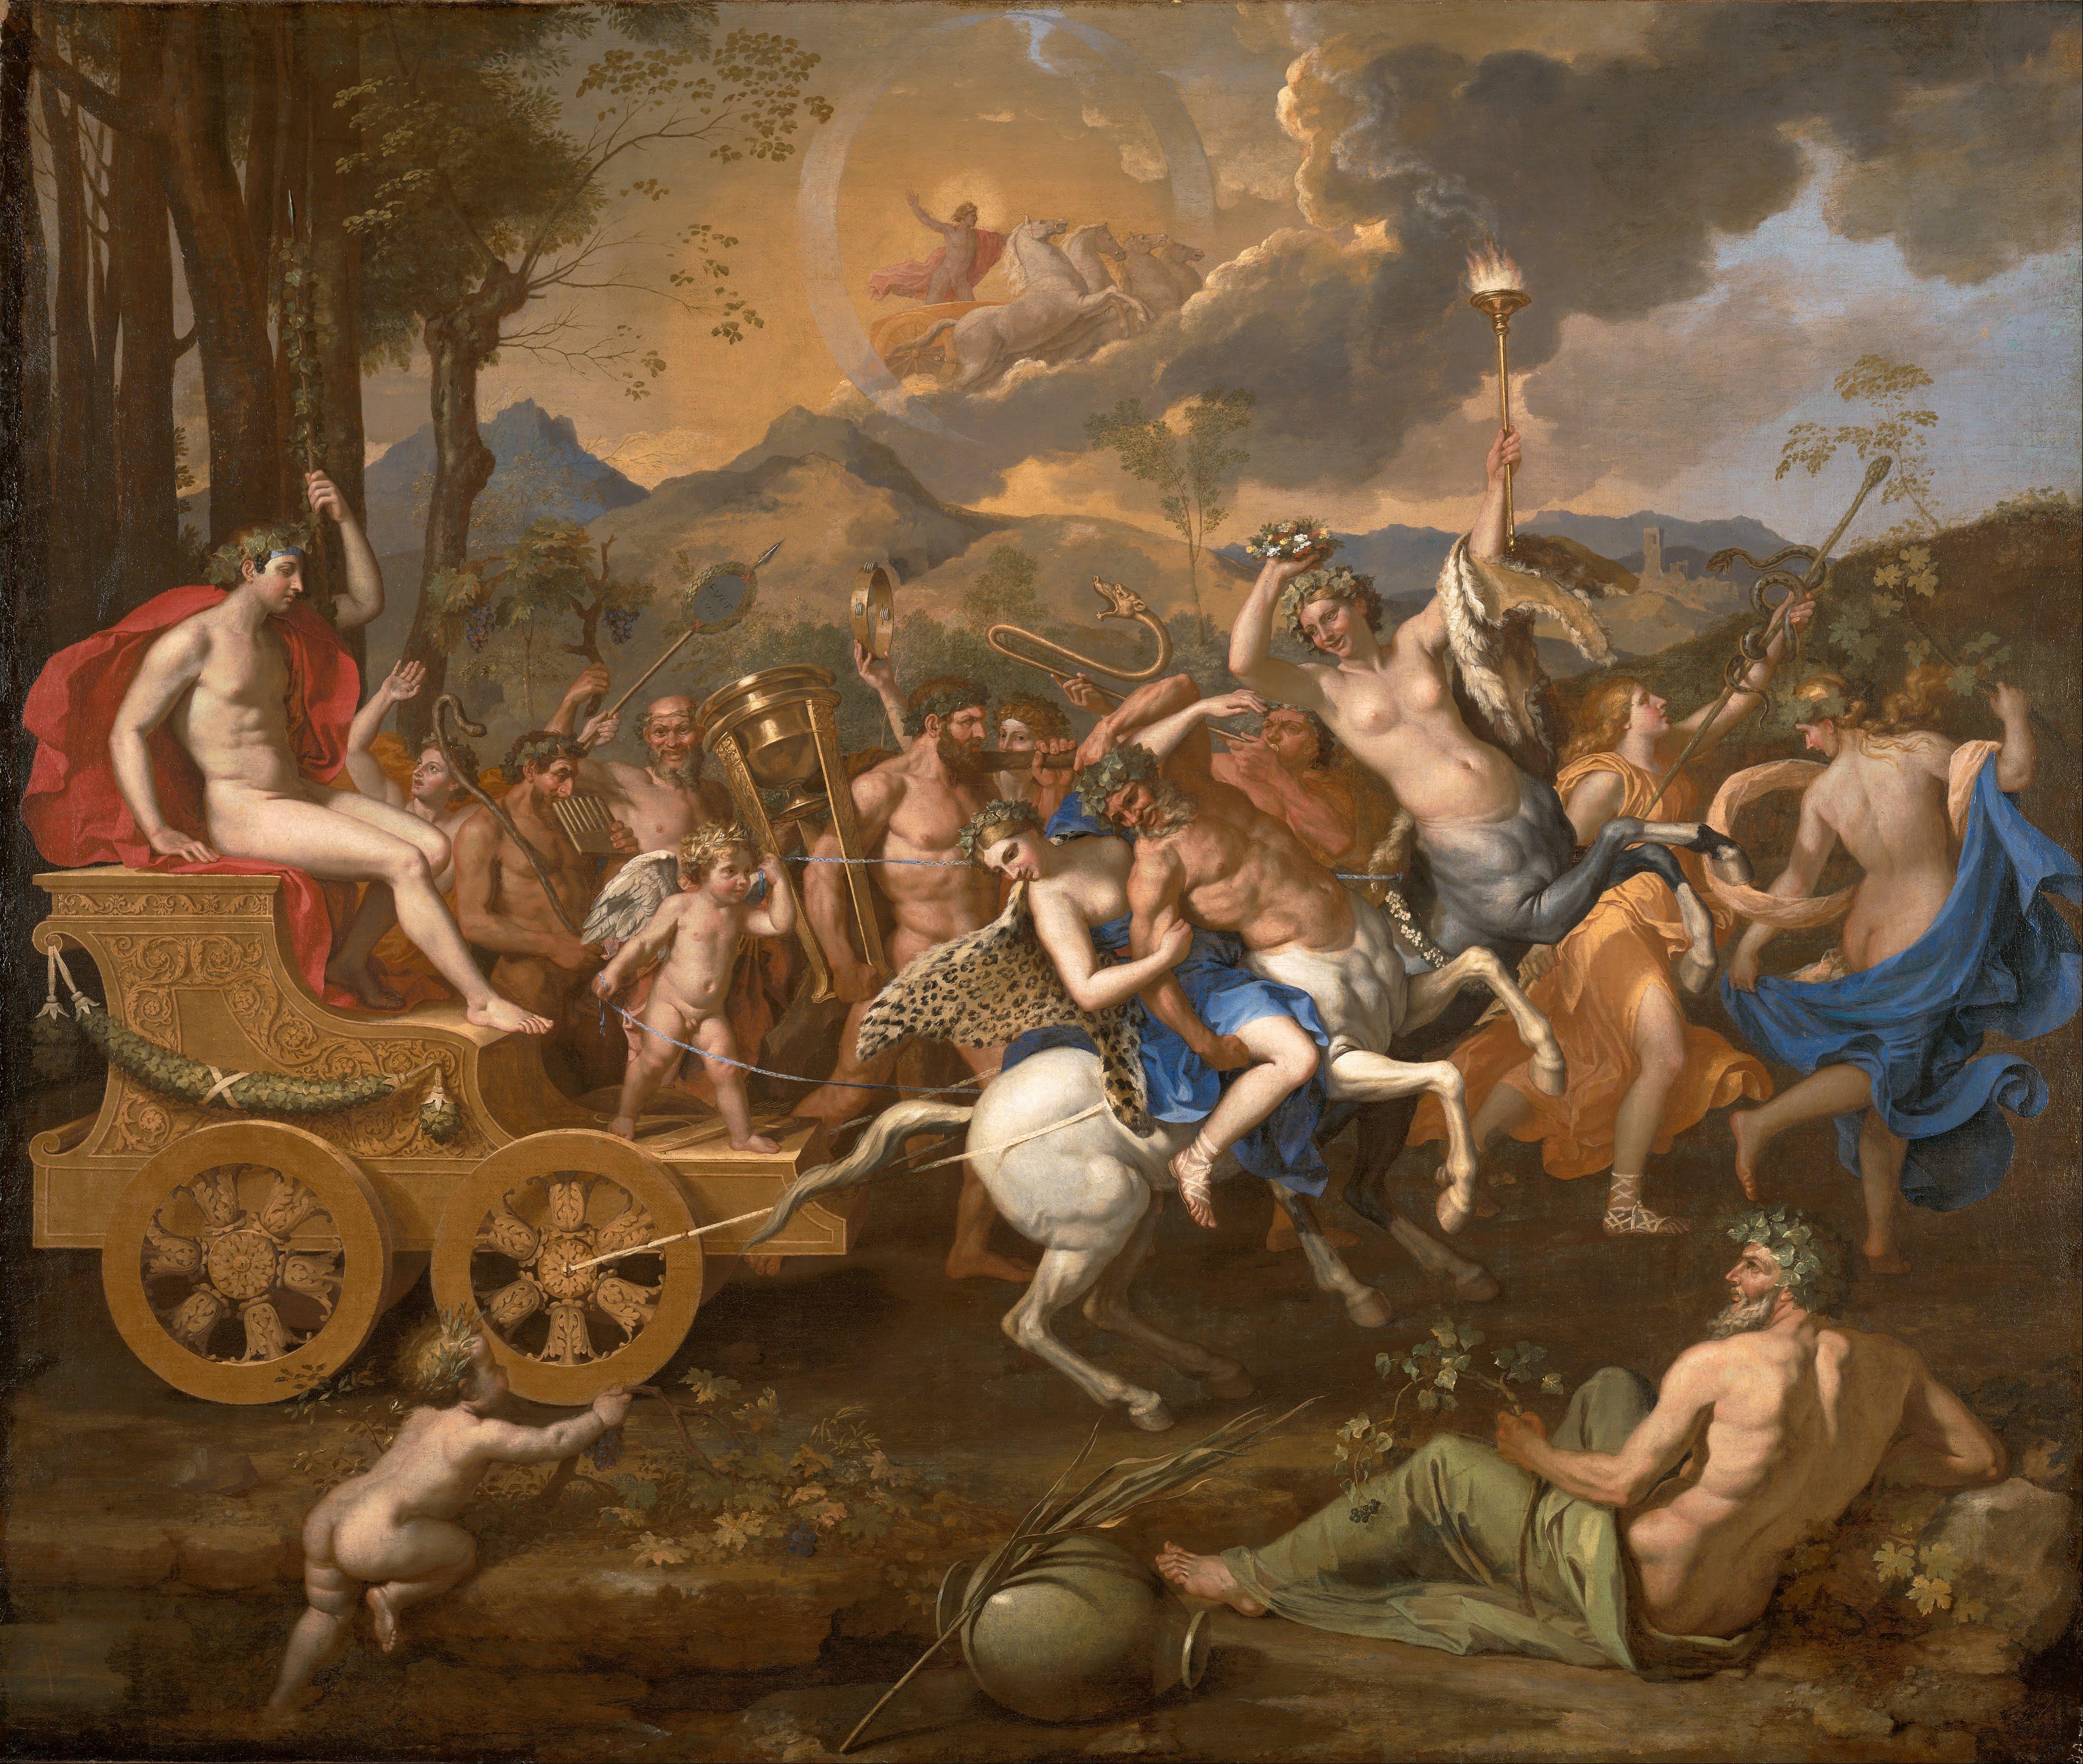 The Triumph of Bacchus (Nicholas Poussin, 1636, oil on canvas)